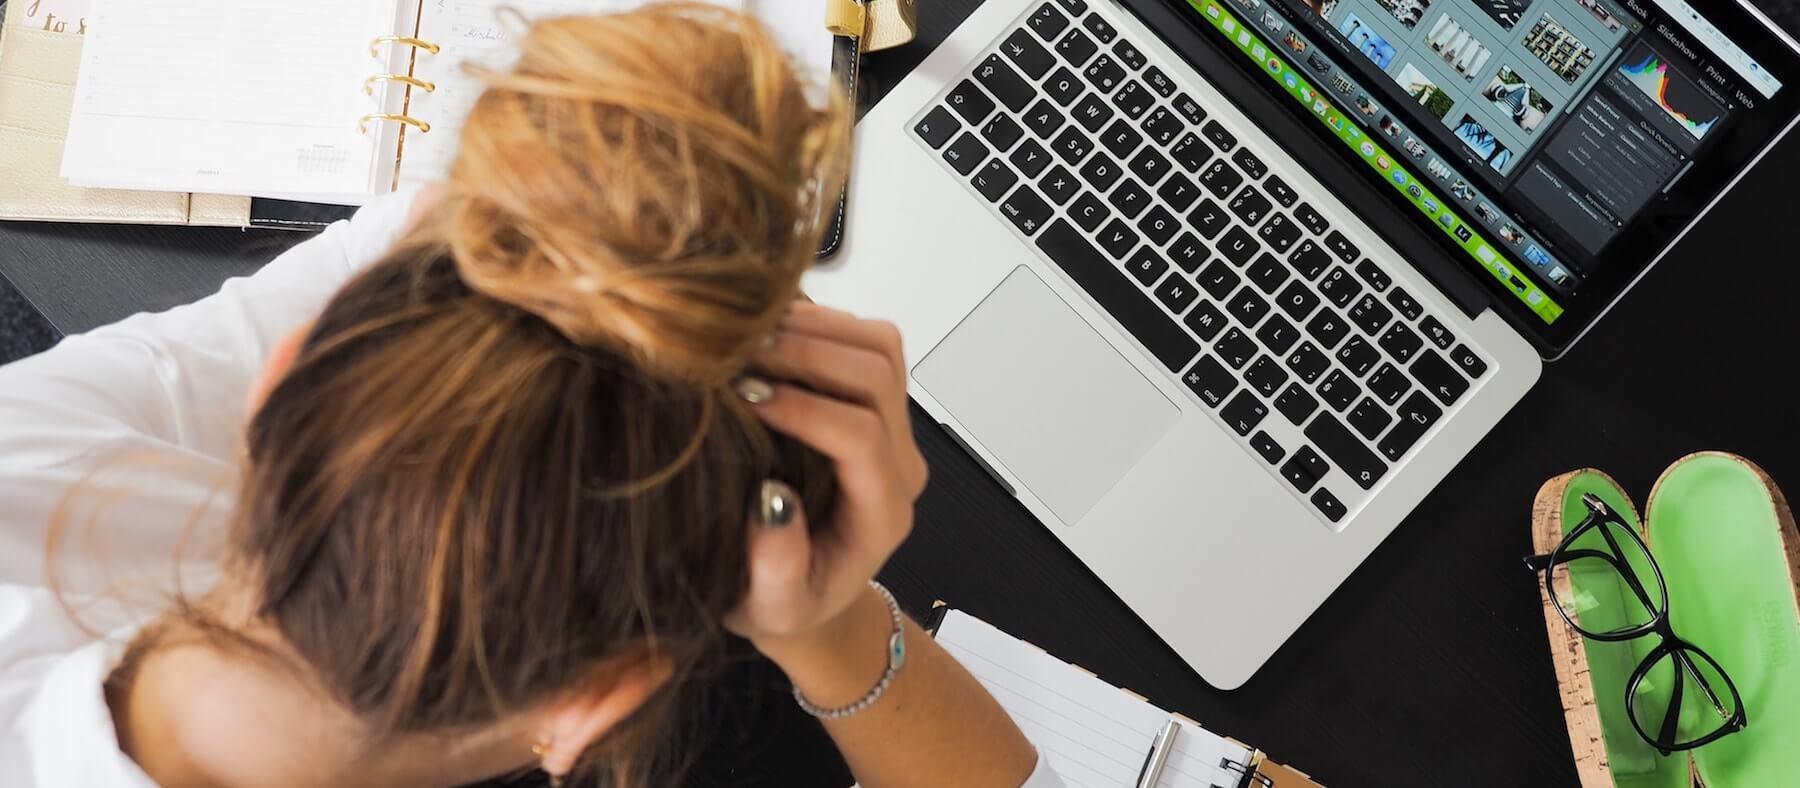 Arbeiten trotz Periodenschmerzen